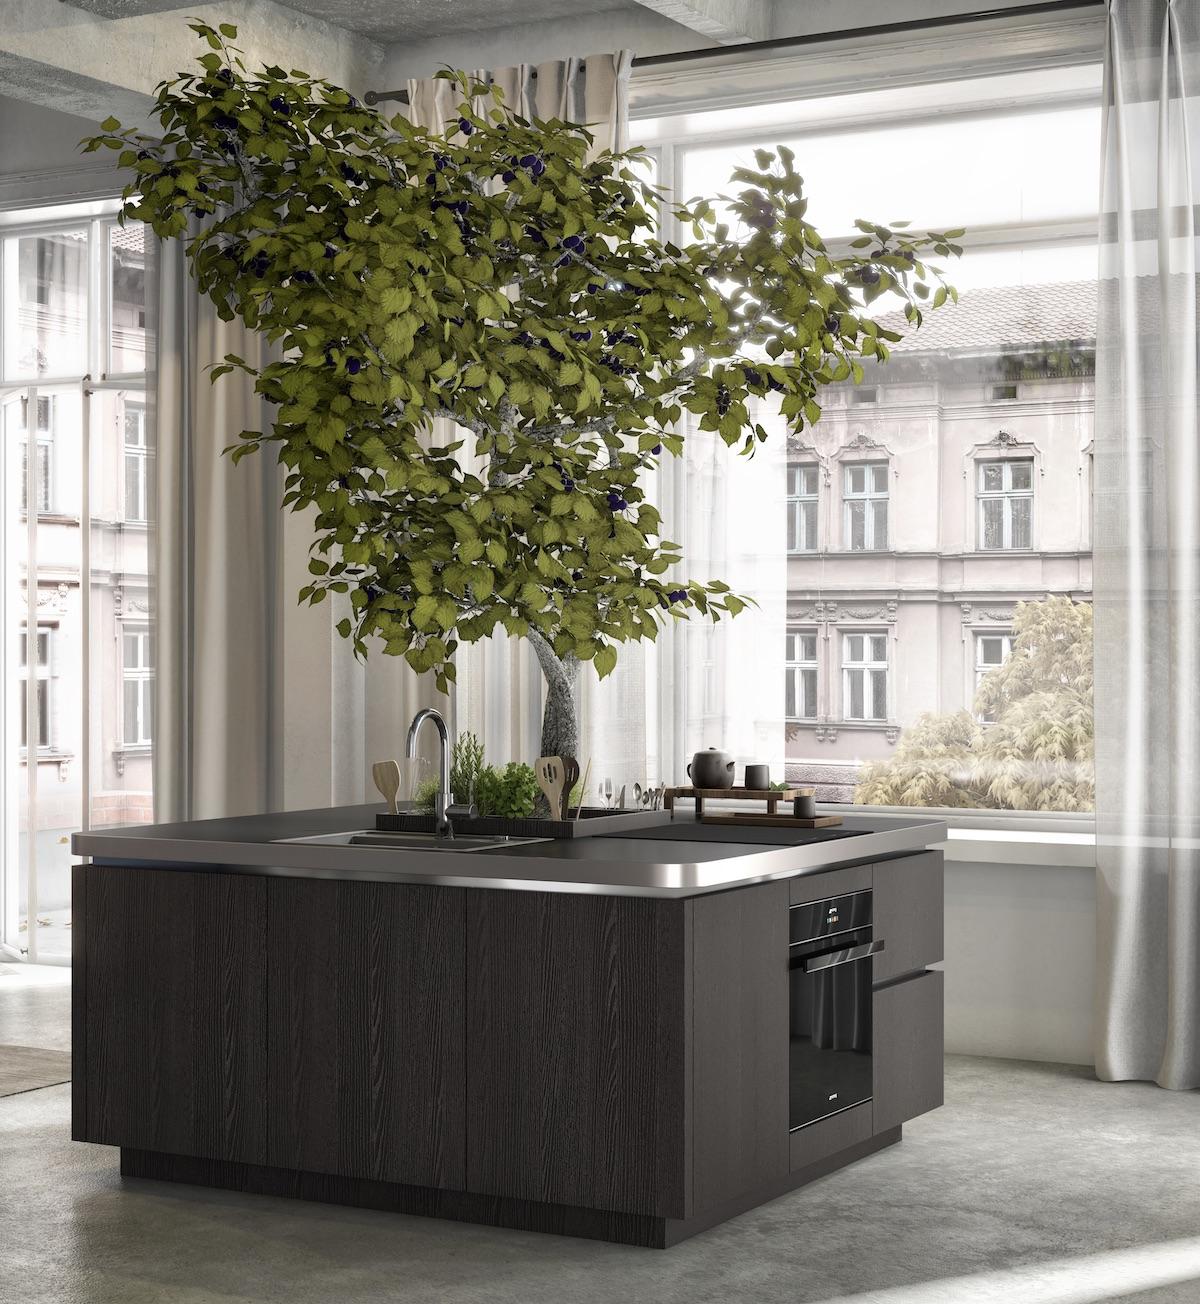 cuisine avec îlot central arbre potager intérieur design - blog déco - clem around the corner